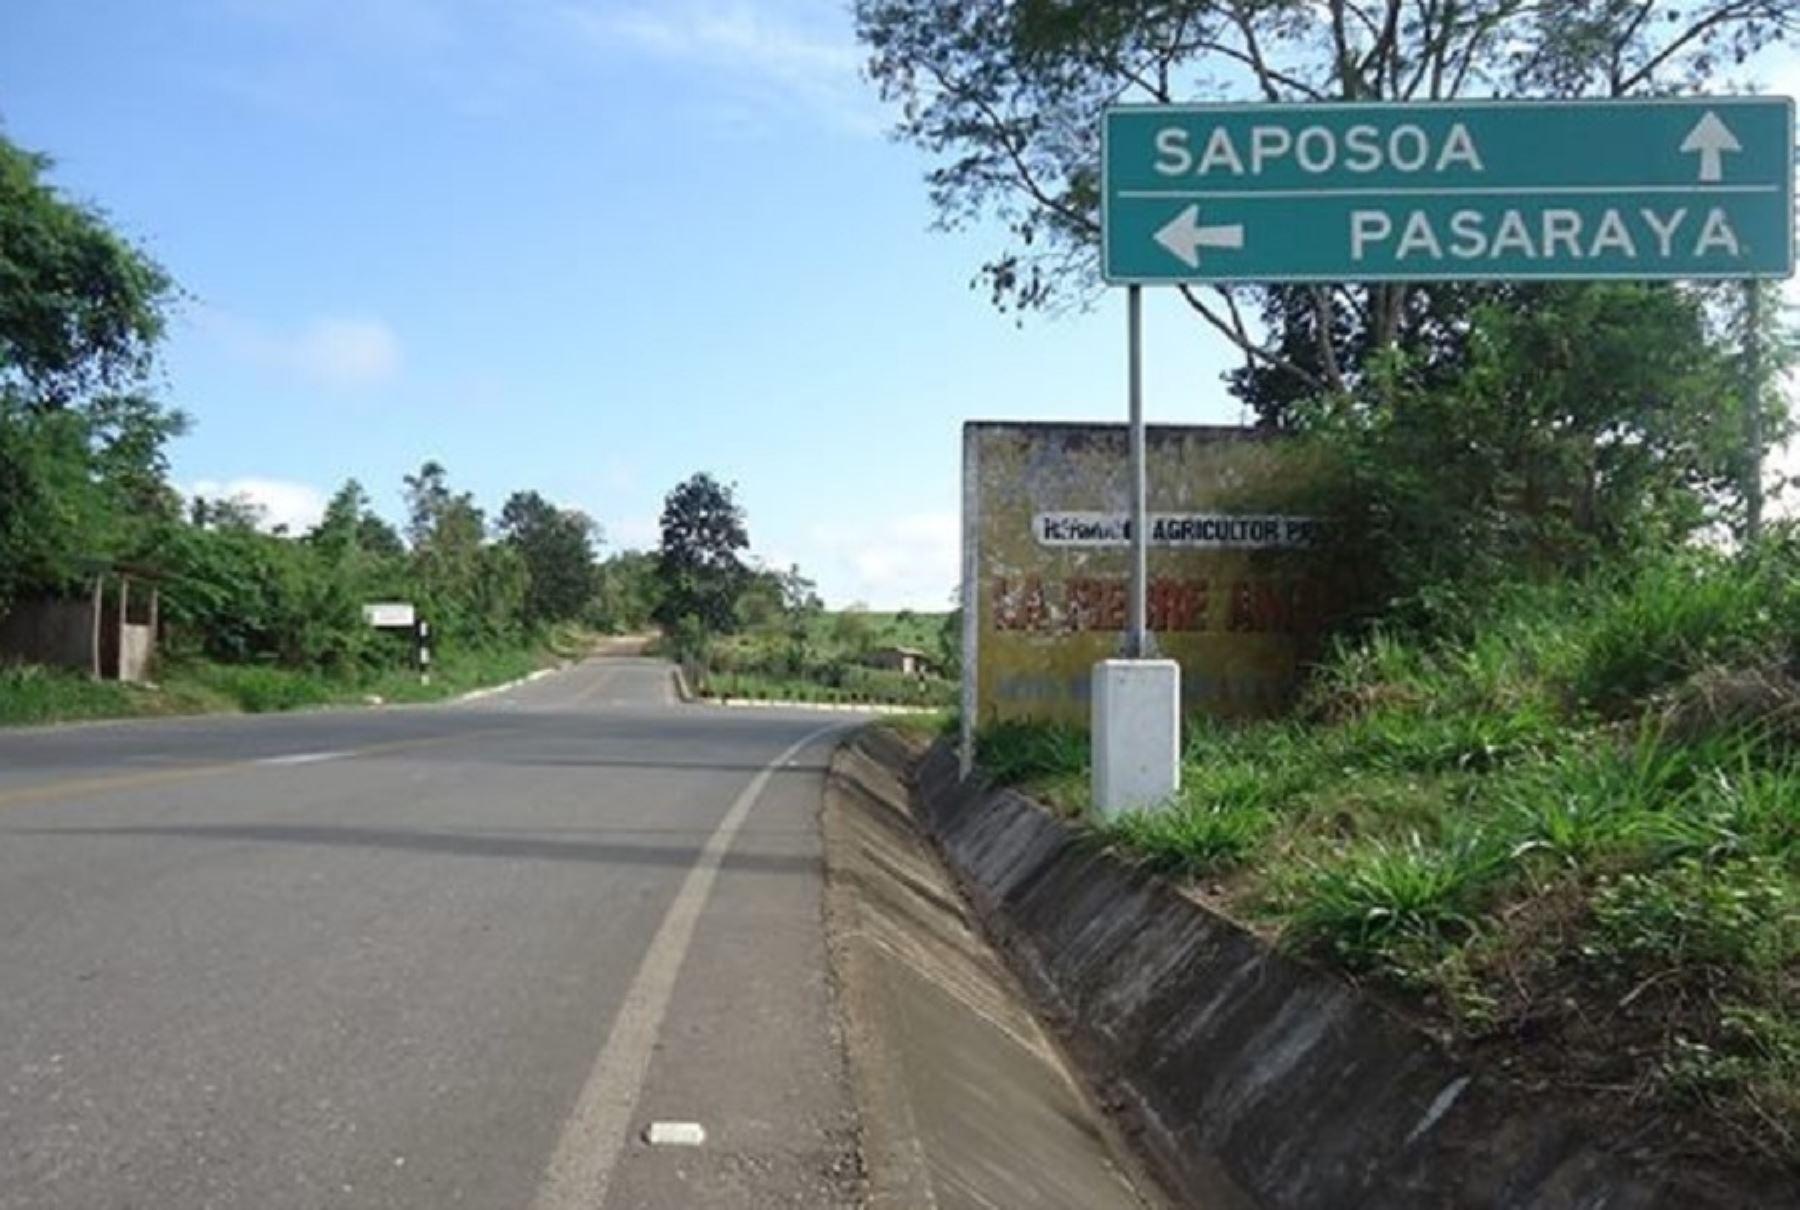 La Contraloría General de la República detectó un perjuicio económico por más de 13 millones de soles en la municipalidad provincial Huallaga, en las obras de mejoramiento de la carretera Saposoa-Pasarraya.